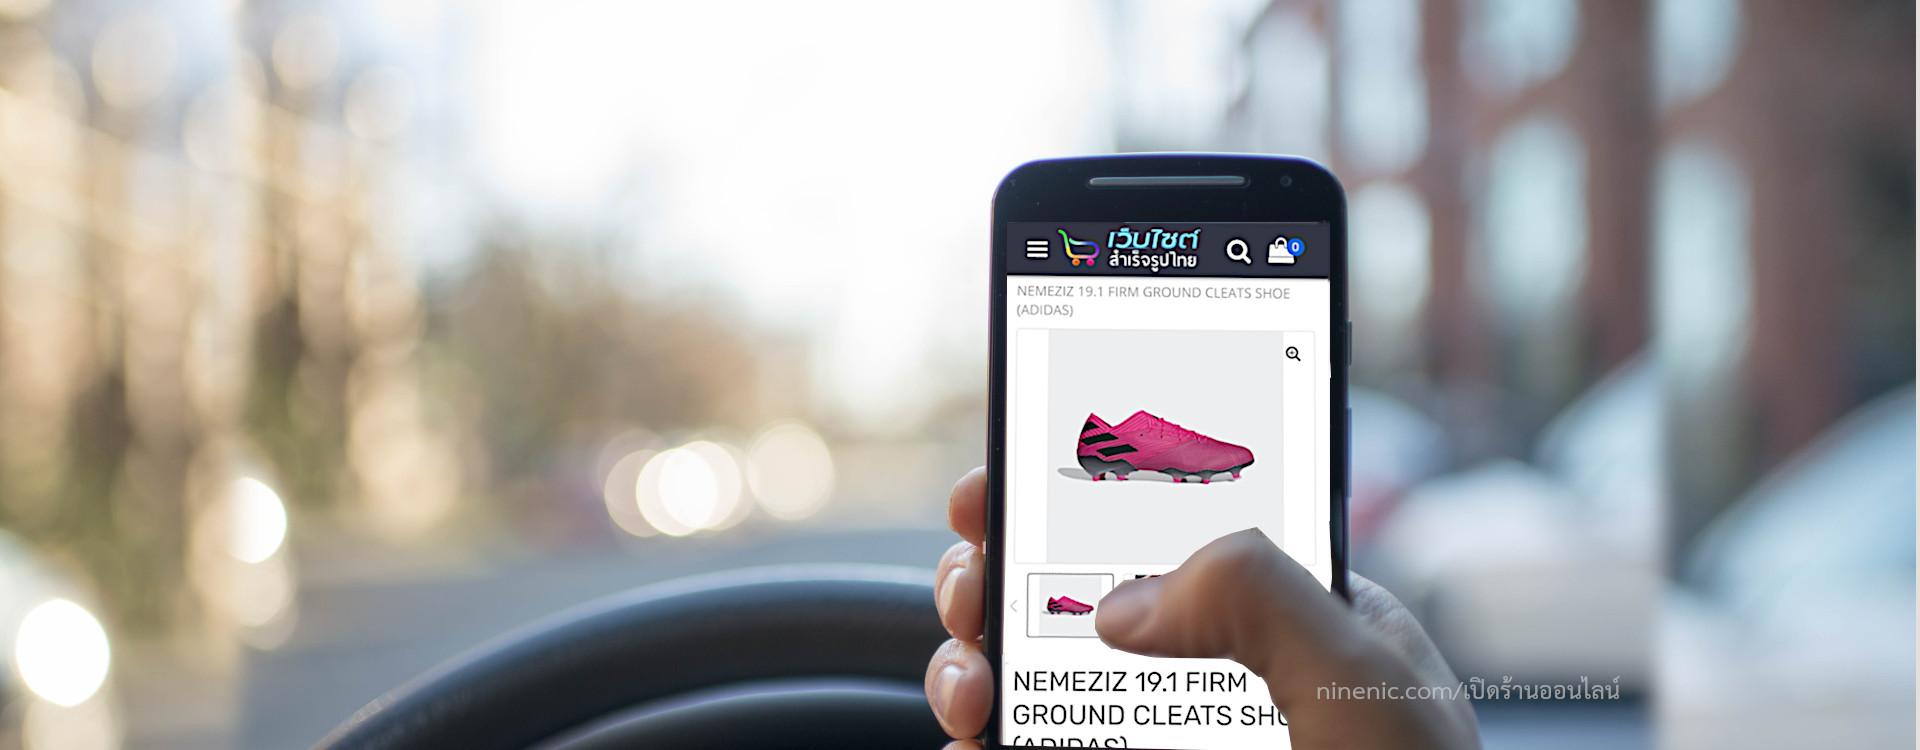 ระบบ ECommerce ที่สมบูรณ์แบบ สำหรับร้านค้าออนไลน์ของคุณ ด้วยระบบจัดการร้าน ที่มีประสิทธิภาพ